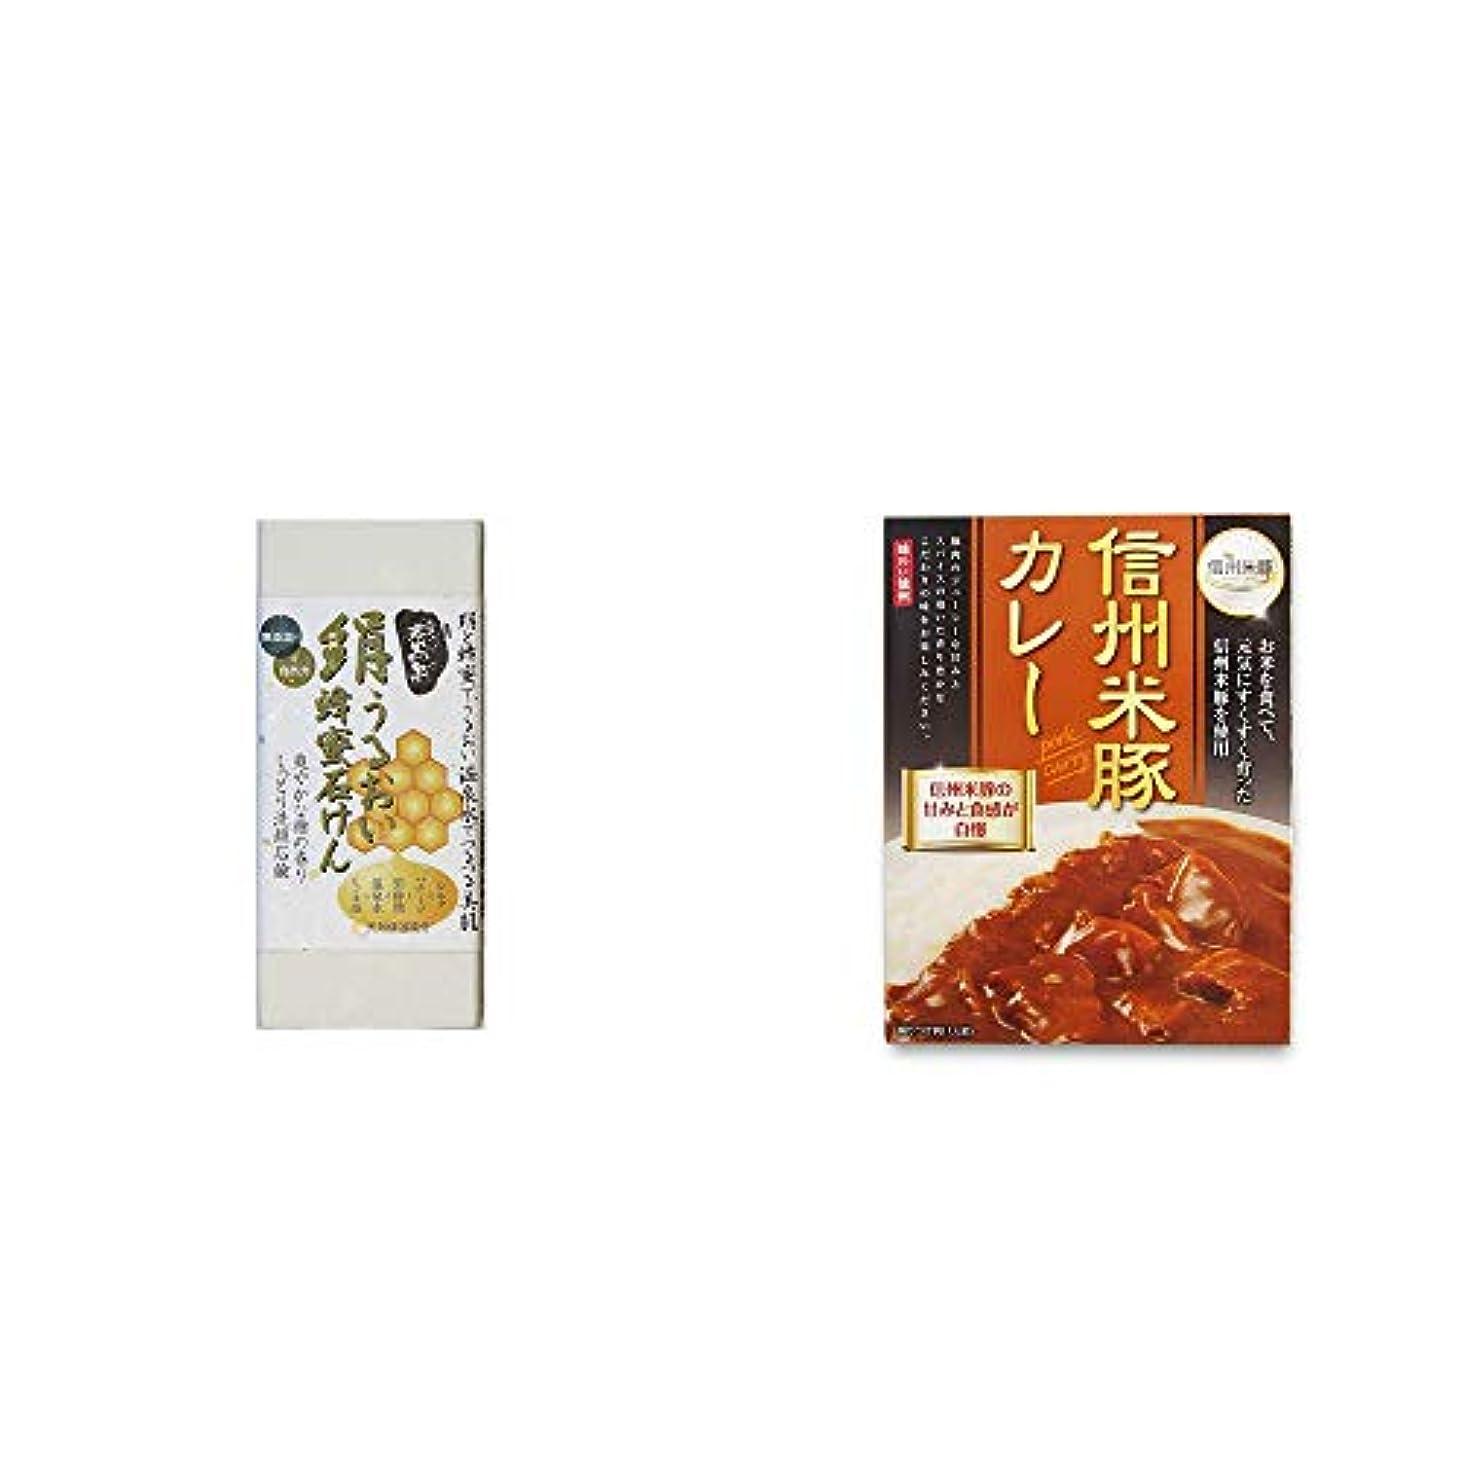 重要維持ストレスの多い[2点セット] ひのき炭黒泉 絹うるおい蜂蜜石けん(75g×2)?信州米豚カレー(1食分)